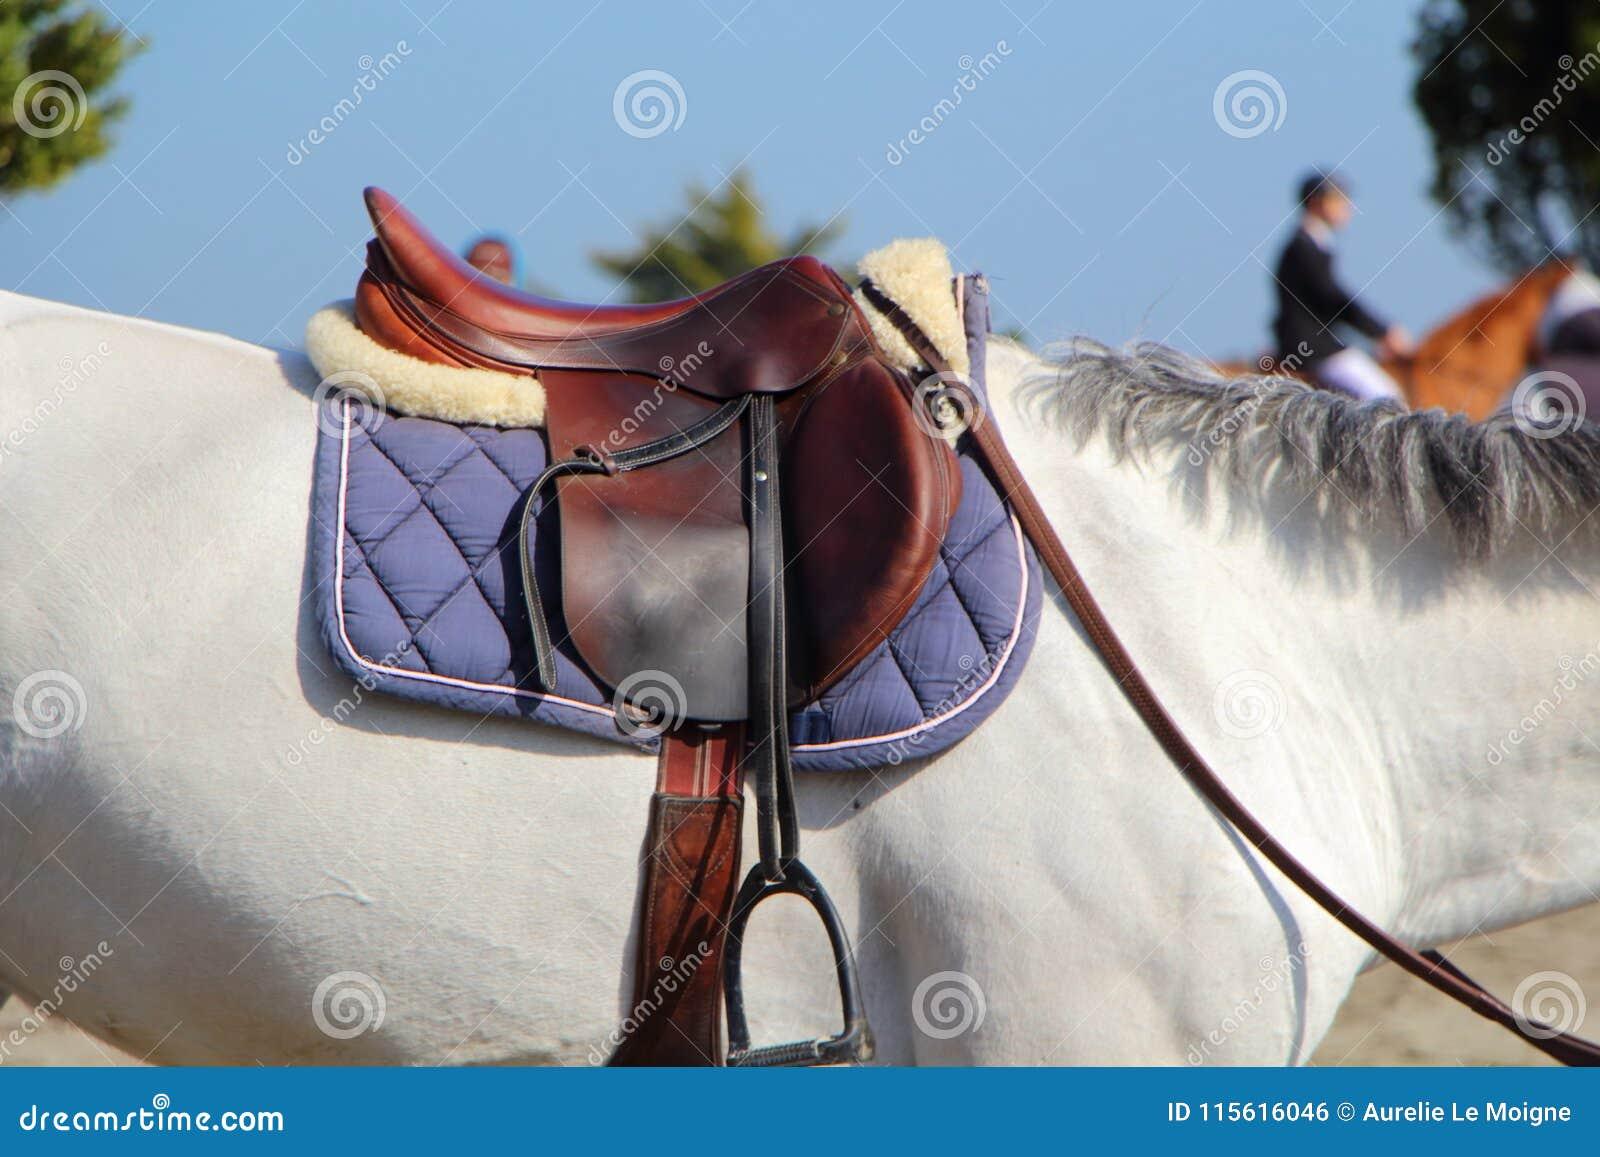 Saddle On A White Horse Stock Photo Image Of Horse 115616046